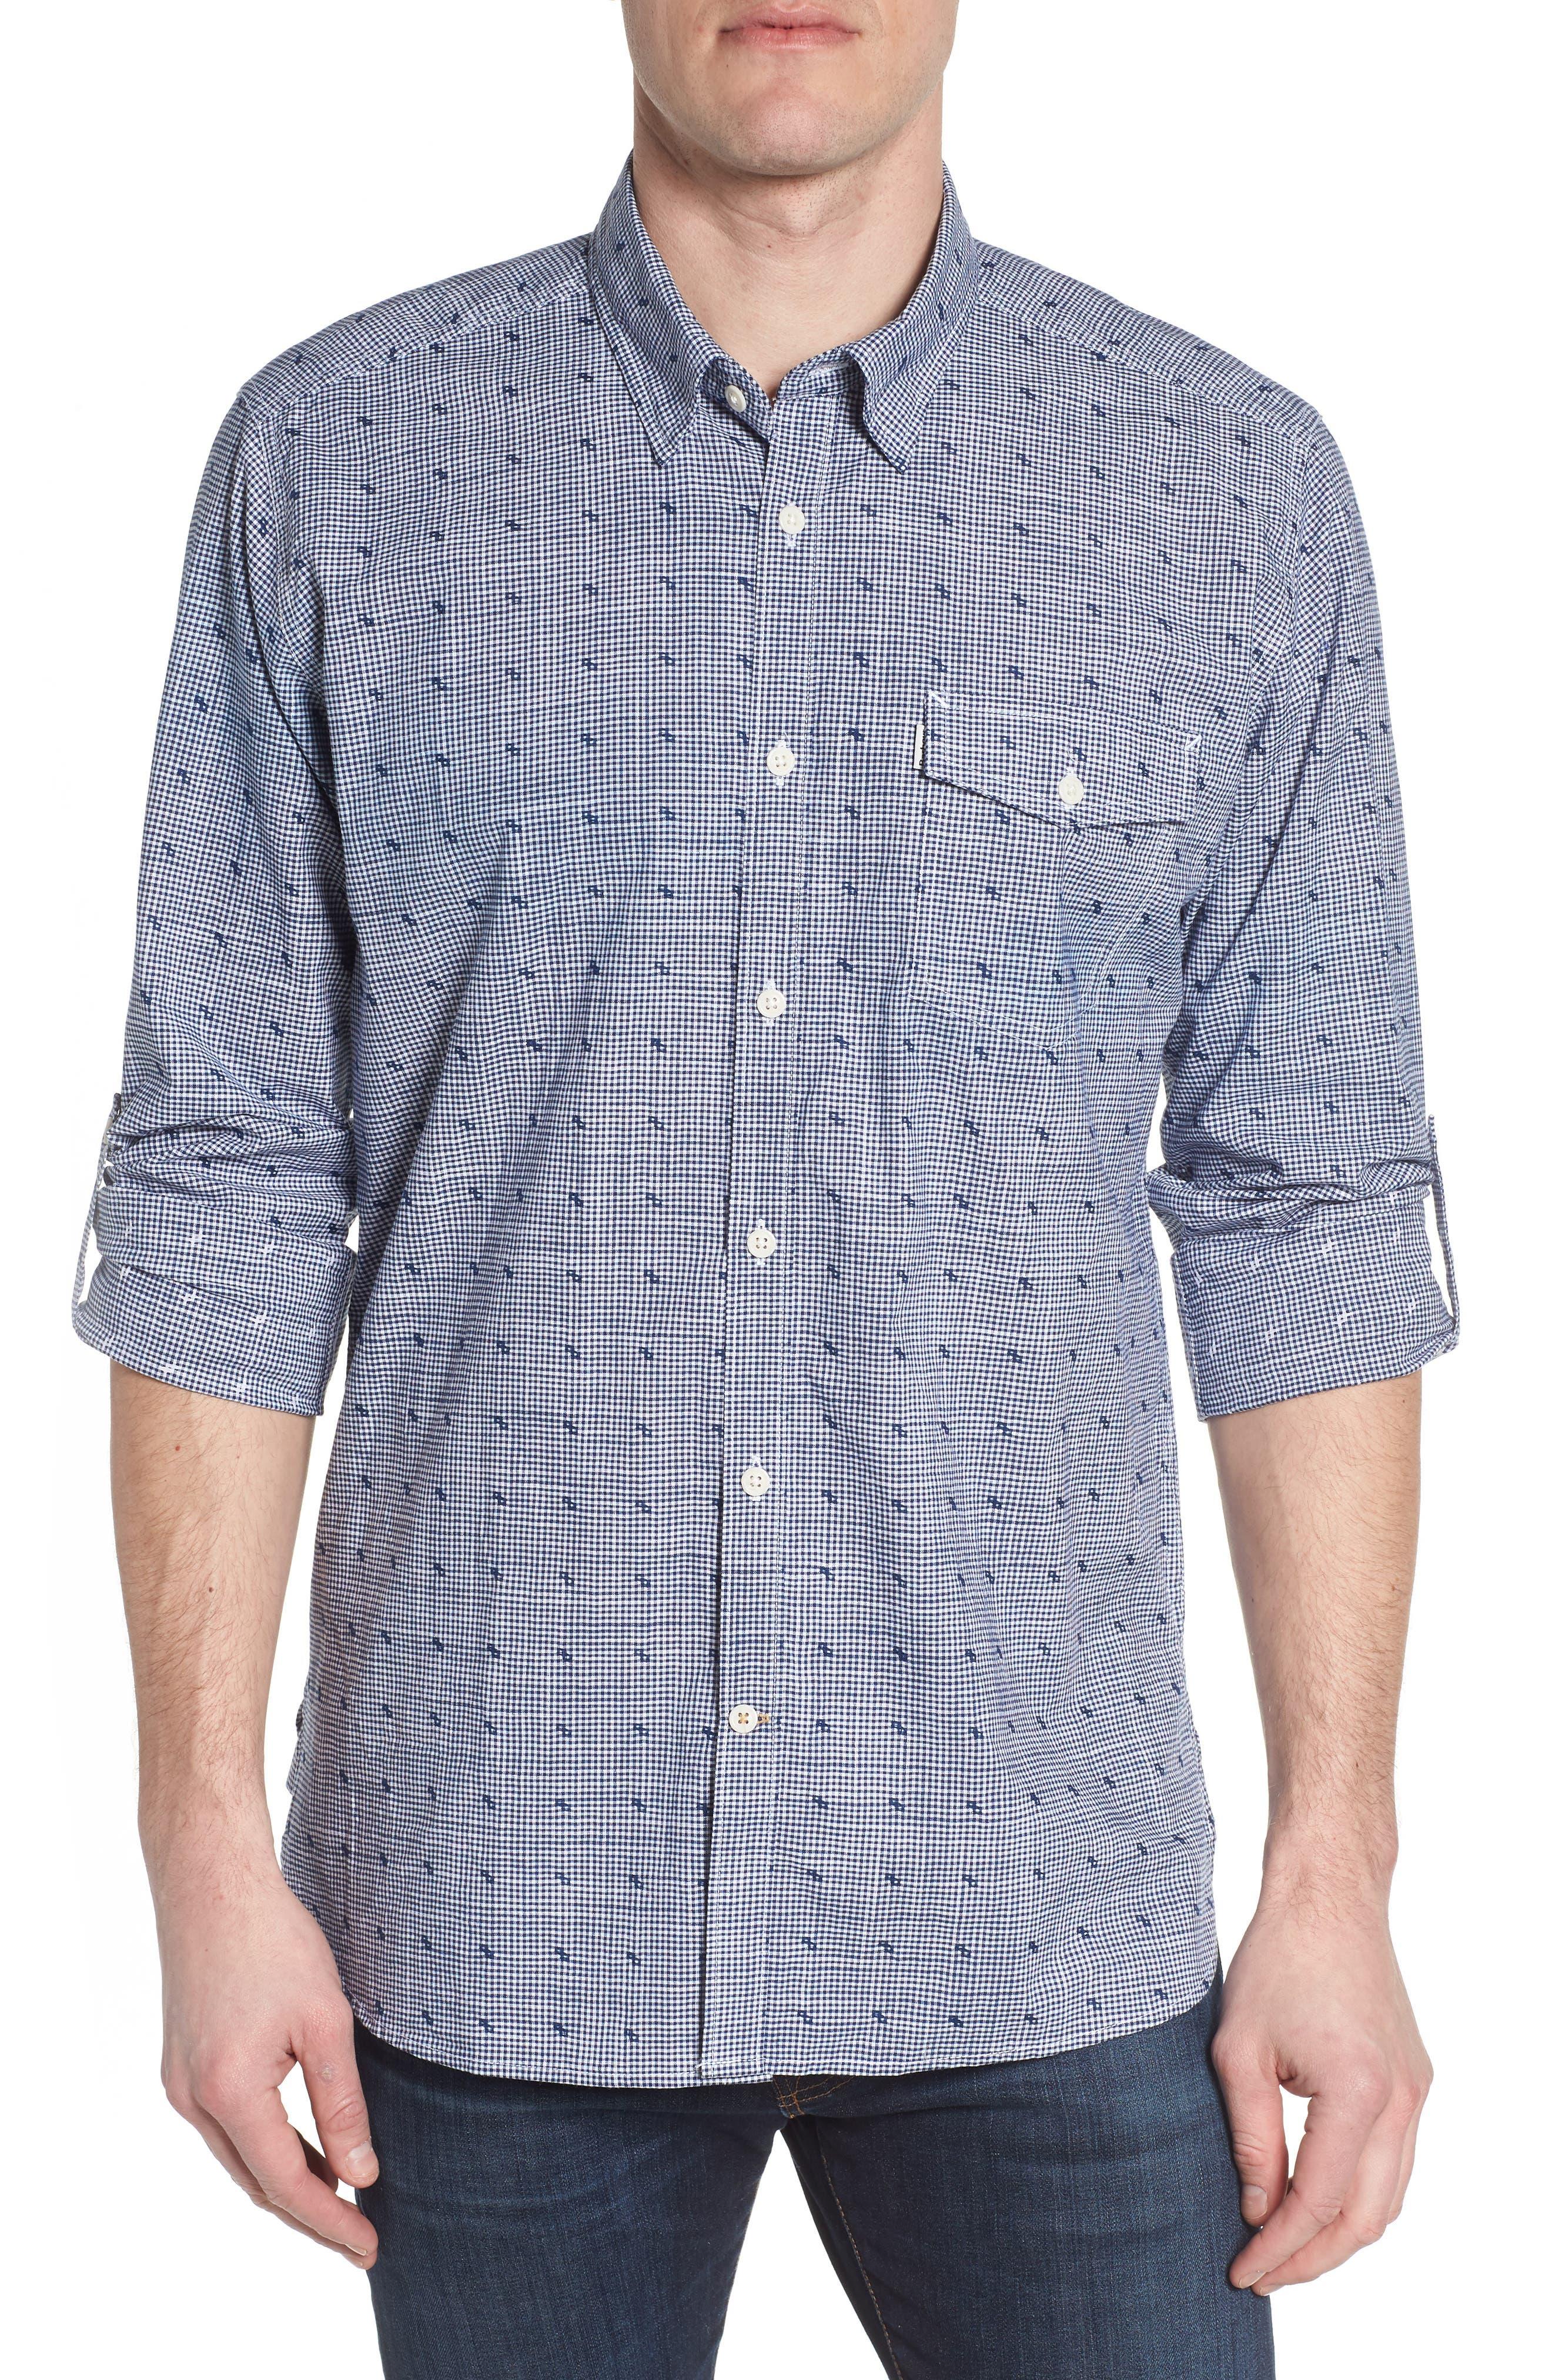 Beluga Regular Fit Check Sport Shirt,                             Main thumbnail 1, color,                             Navy